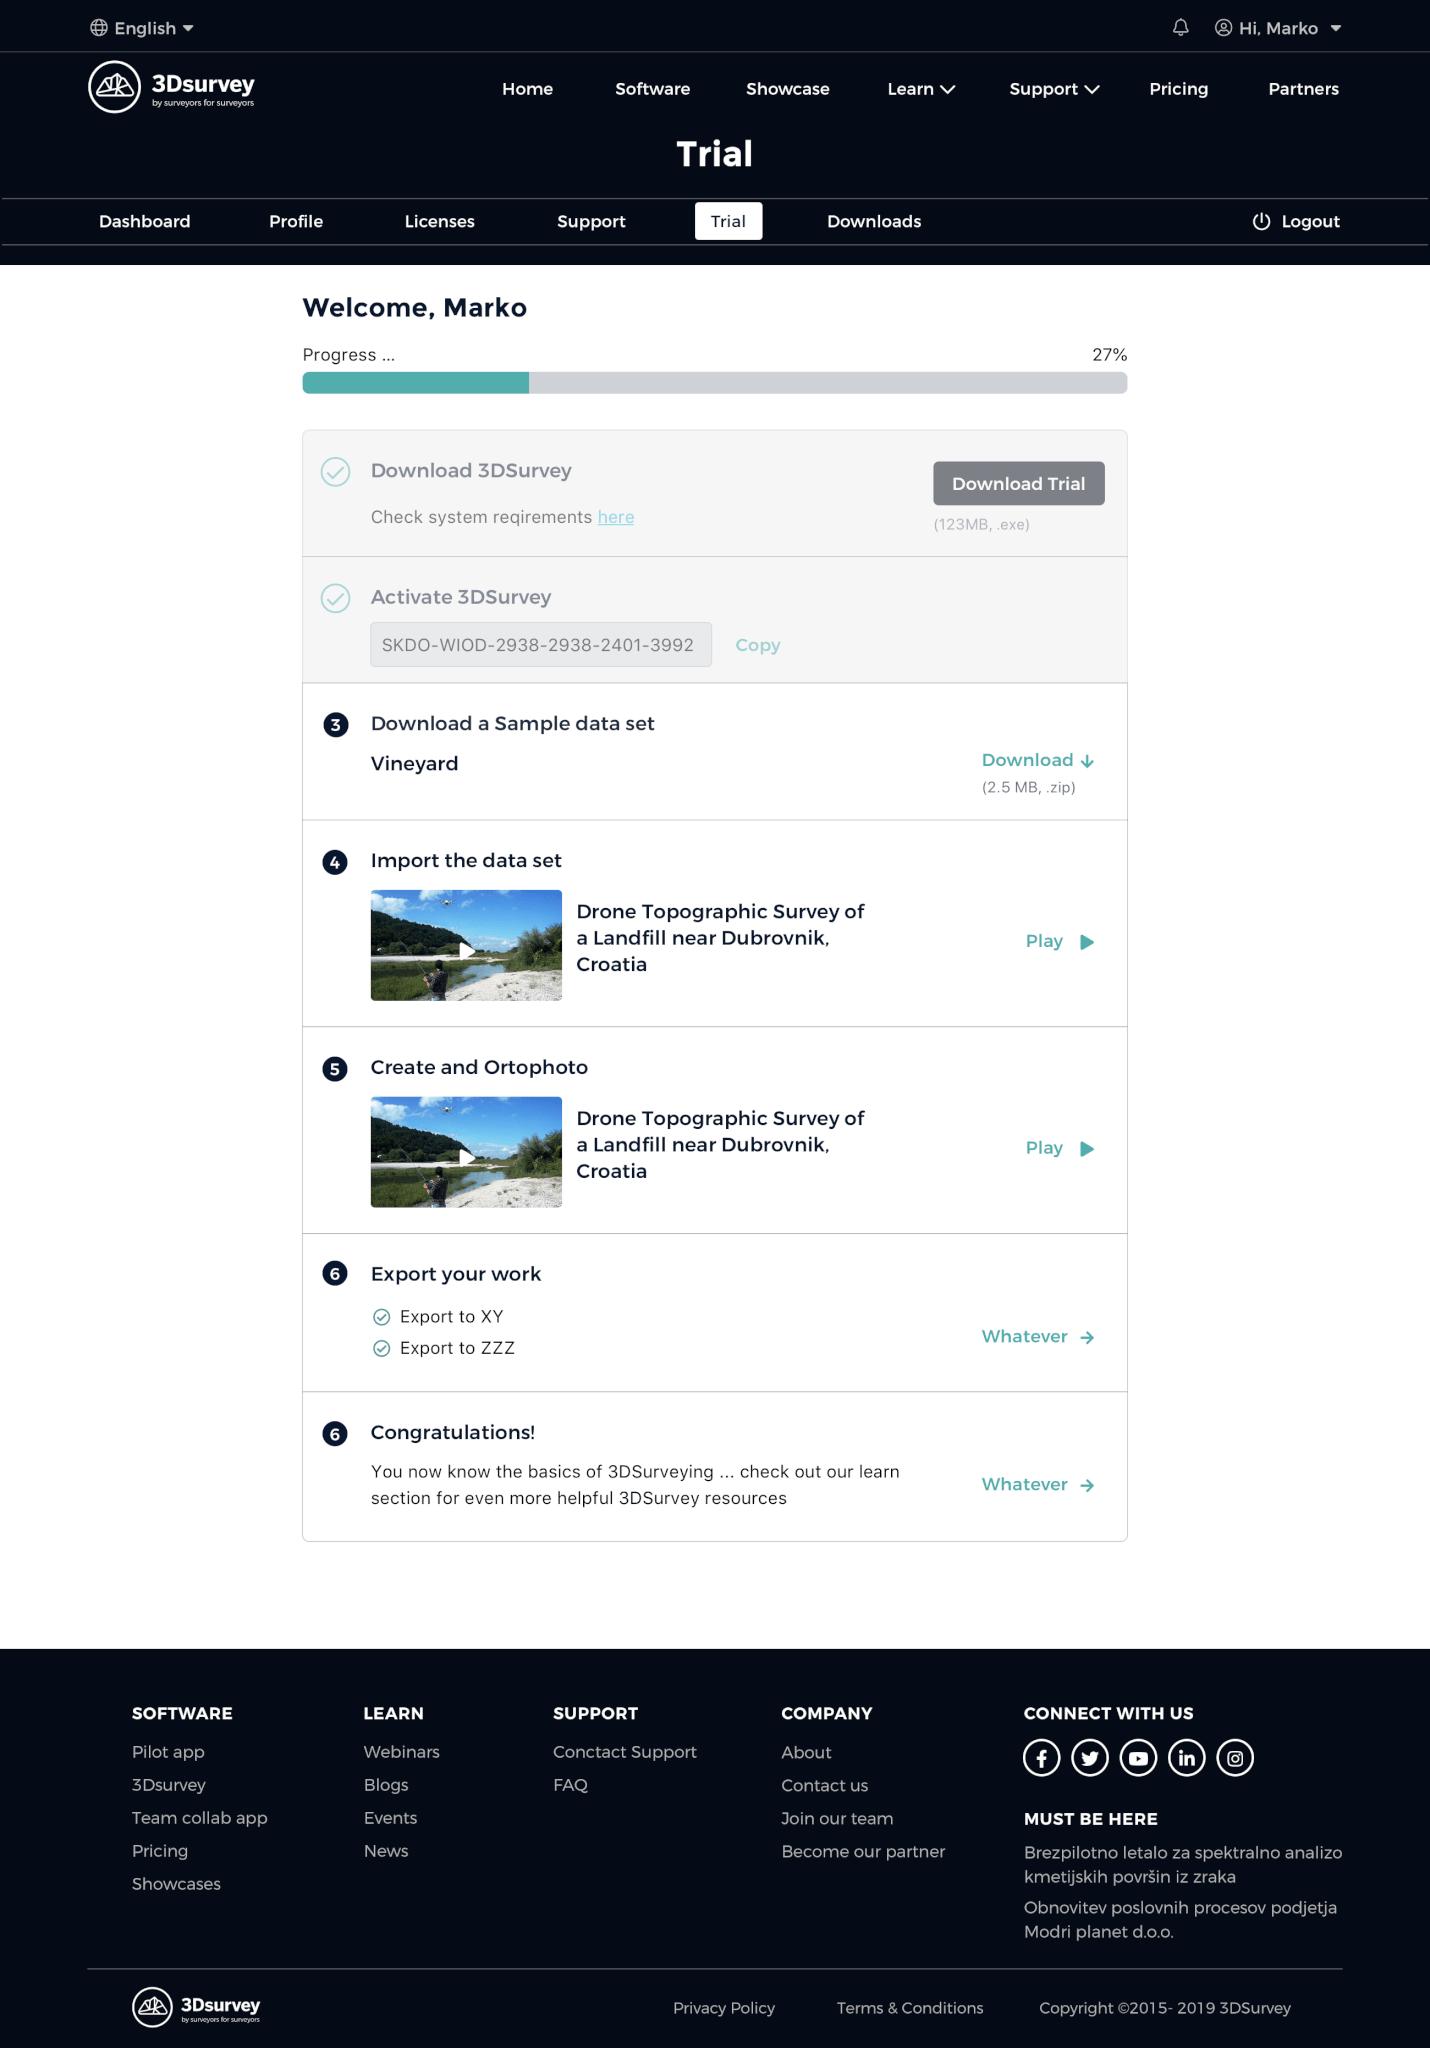 3Dsurvey trial page